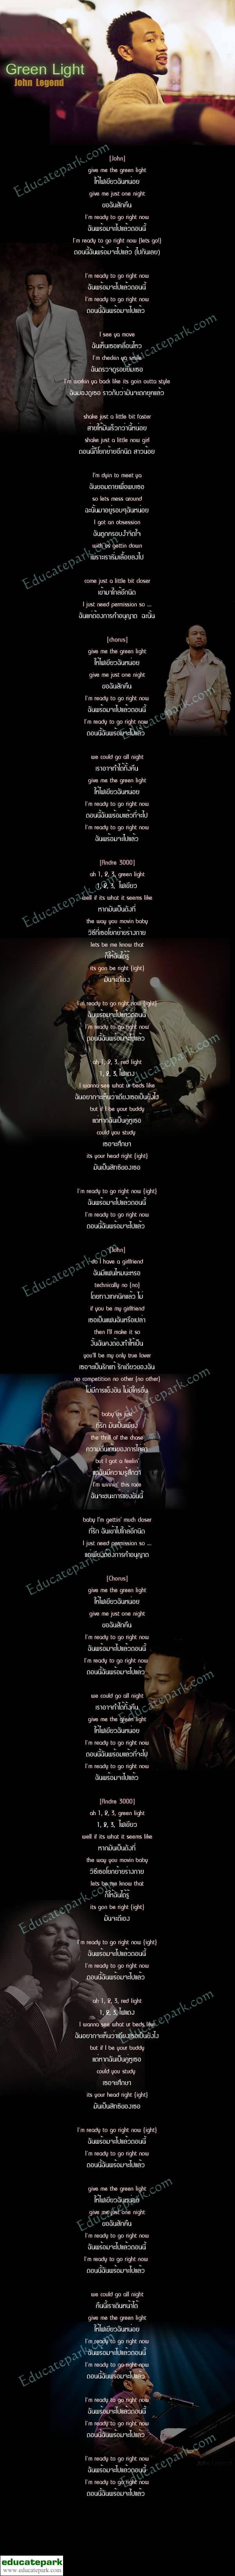 แปลเพลง Green Light - John Legend